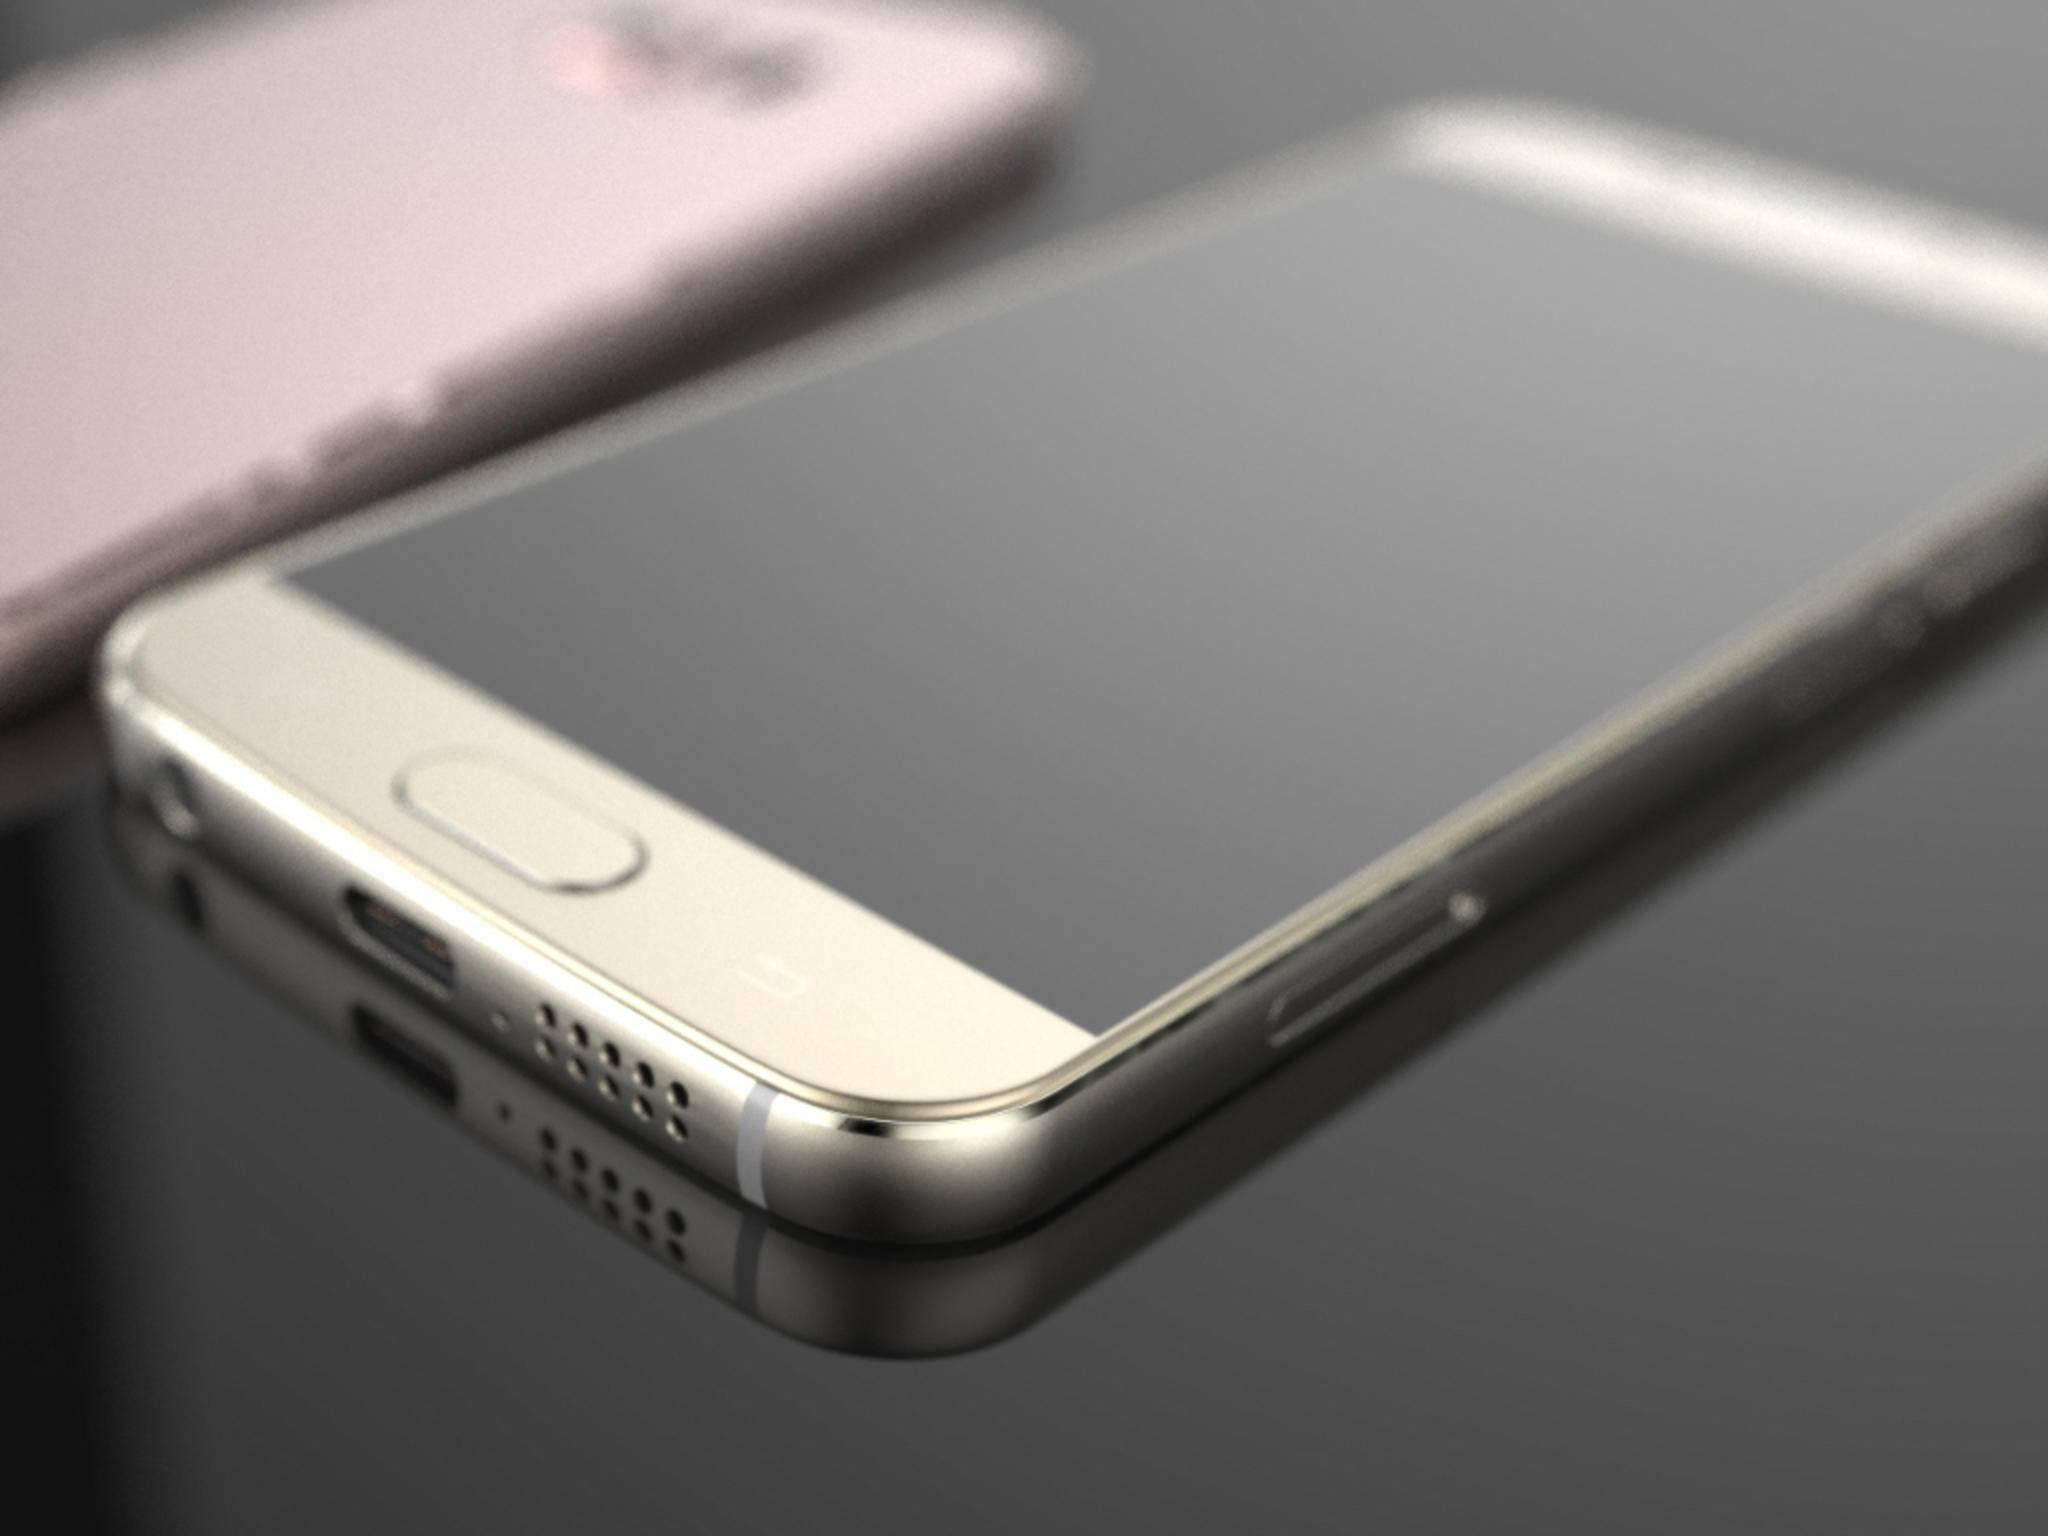 Das Galaxy S7 ist jetzt bei AnTuTU mit der CPU Exynos 8890 aufgetaucht.